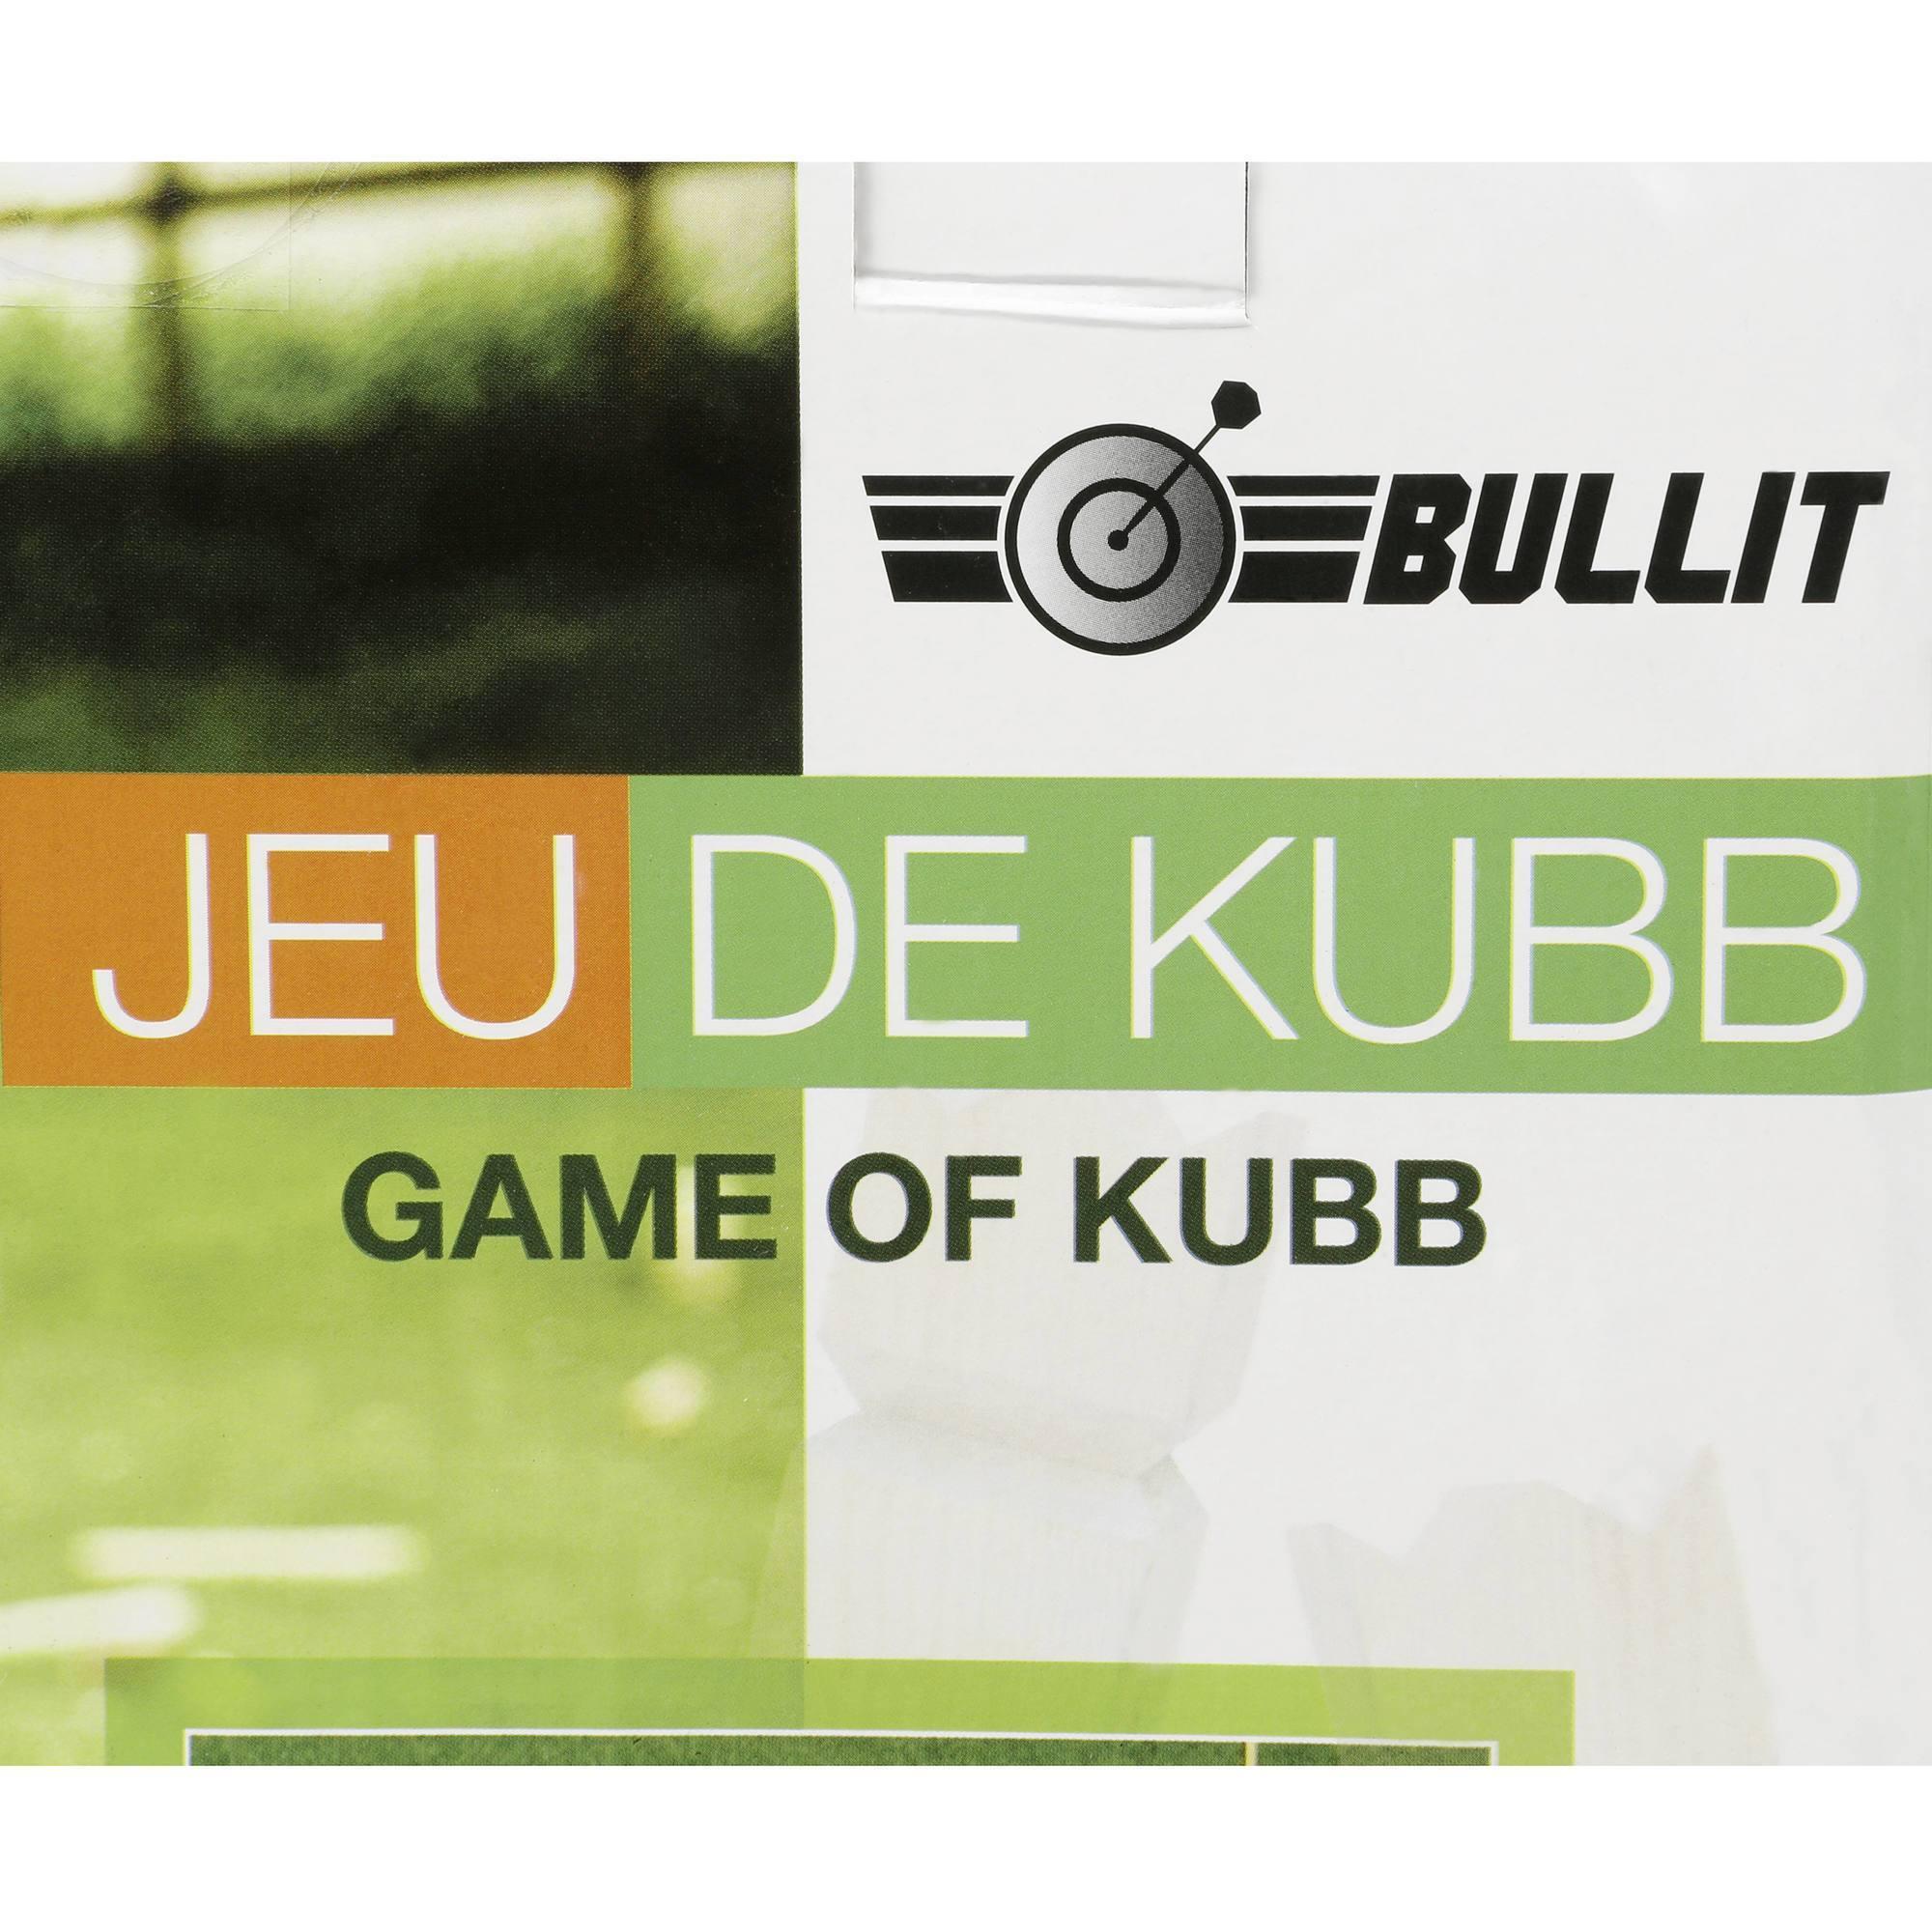 jeu de kubb clubs collectivit s decathlon pro. Black Bedroom Furniture Sets. Home Design Ideas